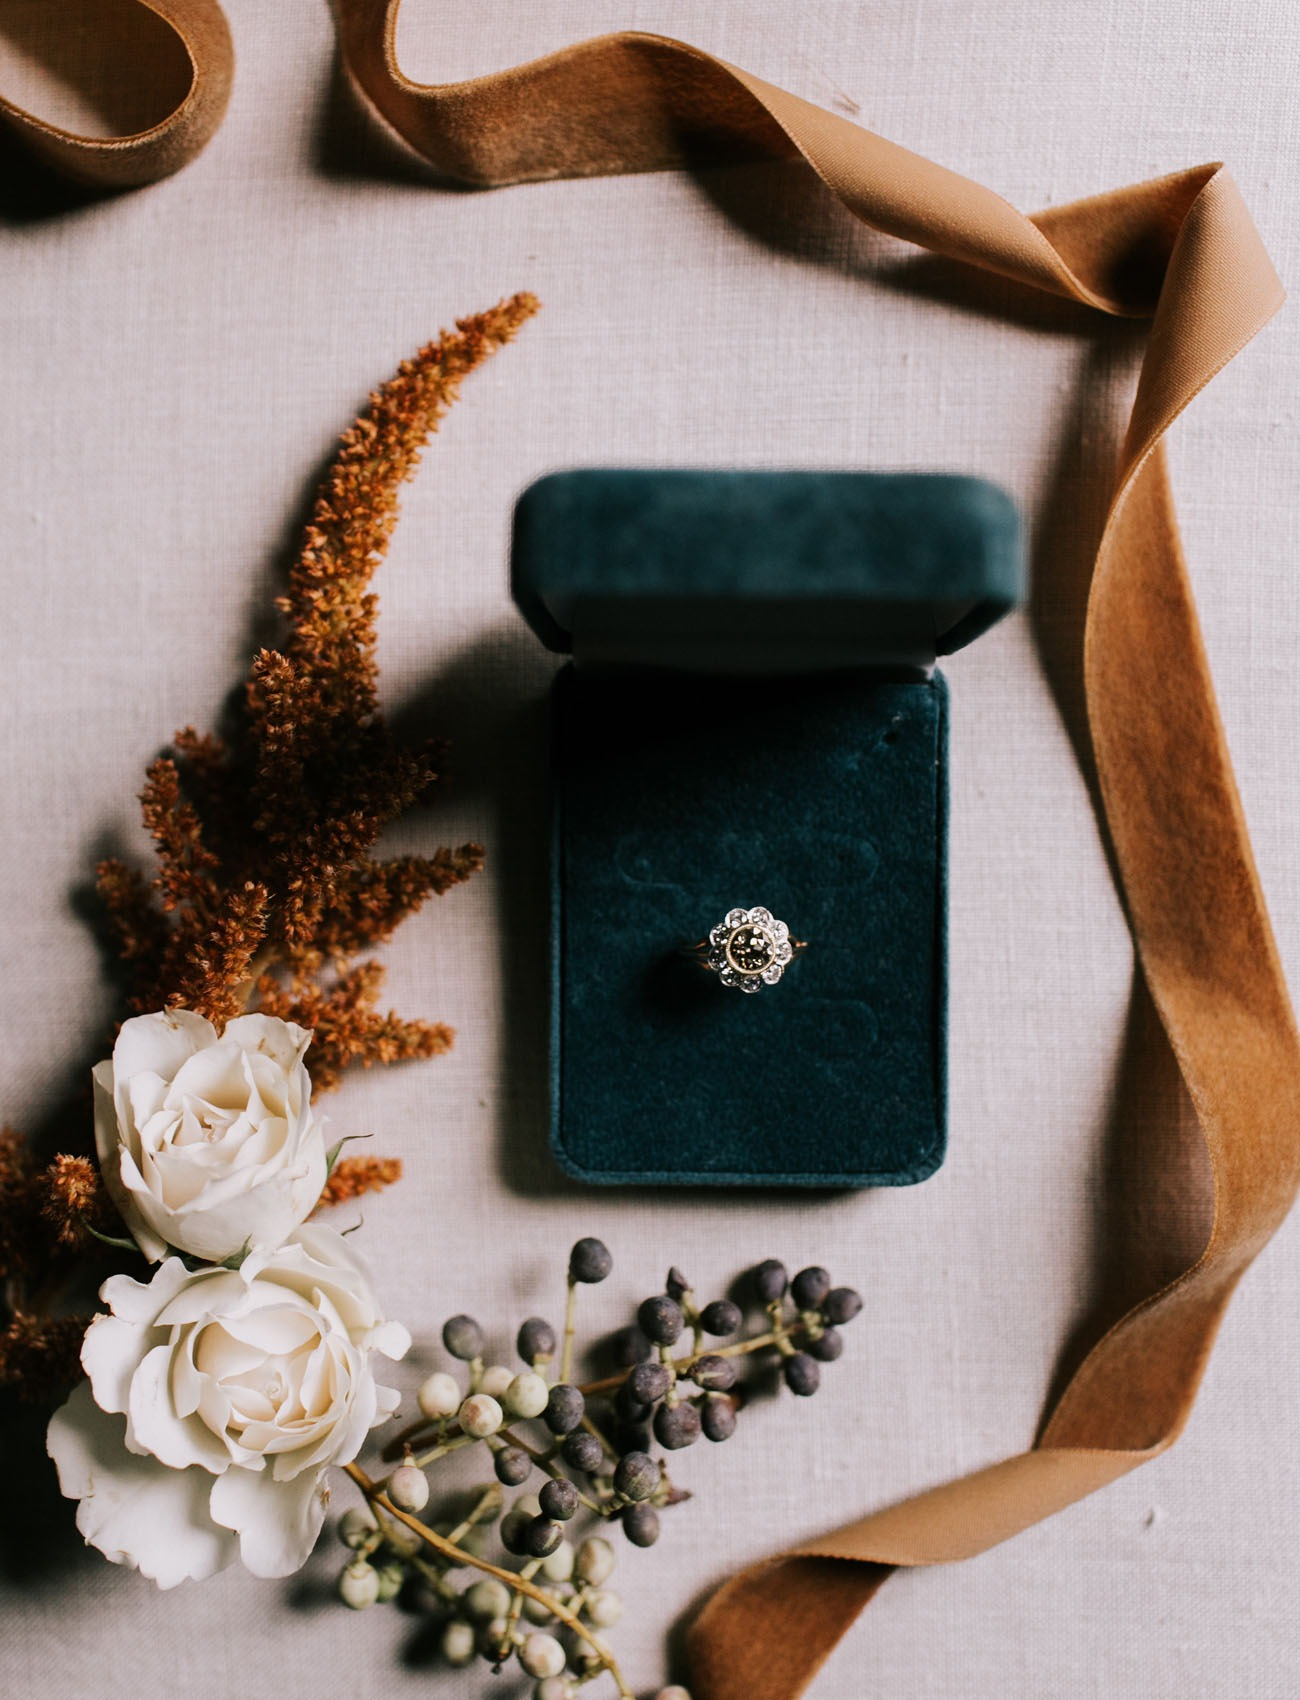 floral inspired diamond engagement ring sitting in a dark green velvet box